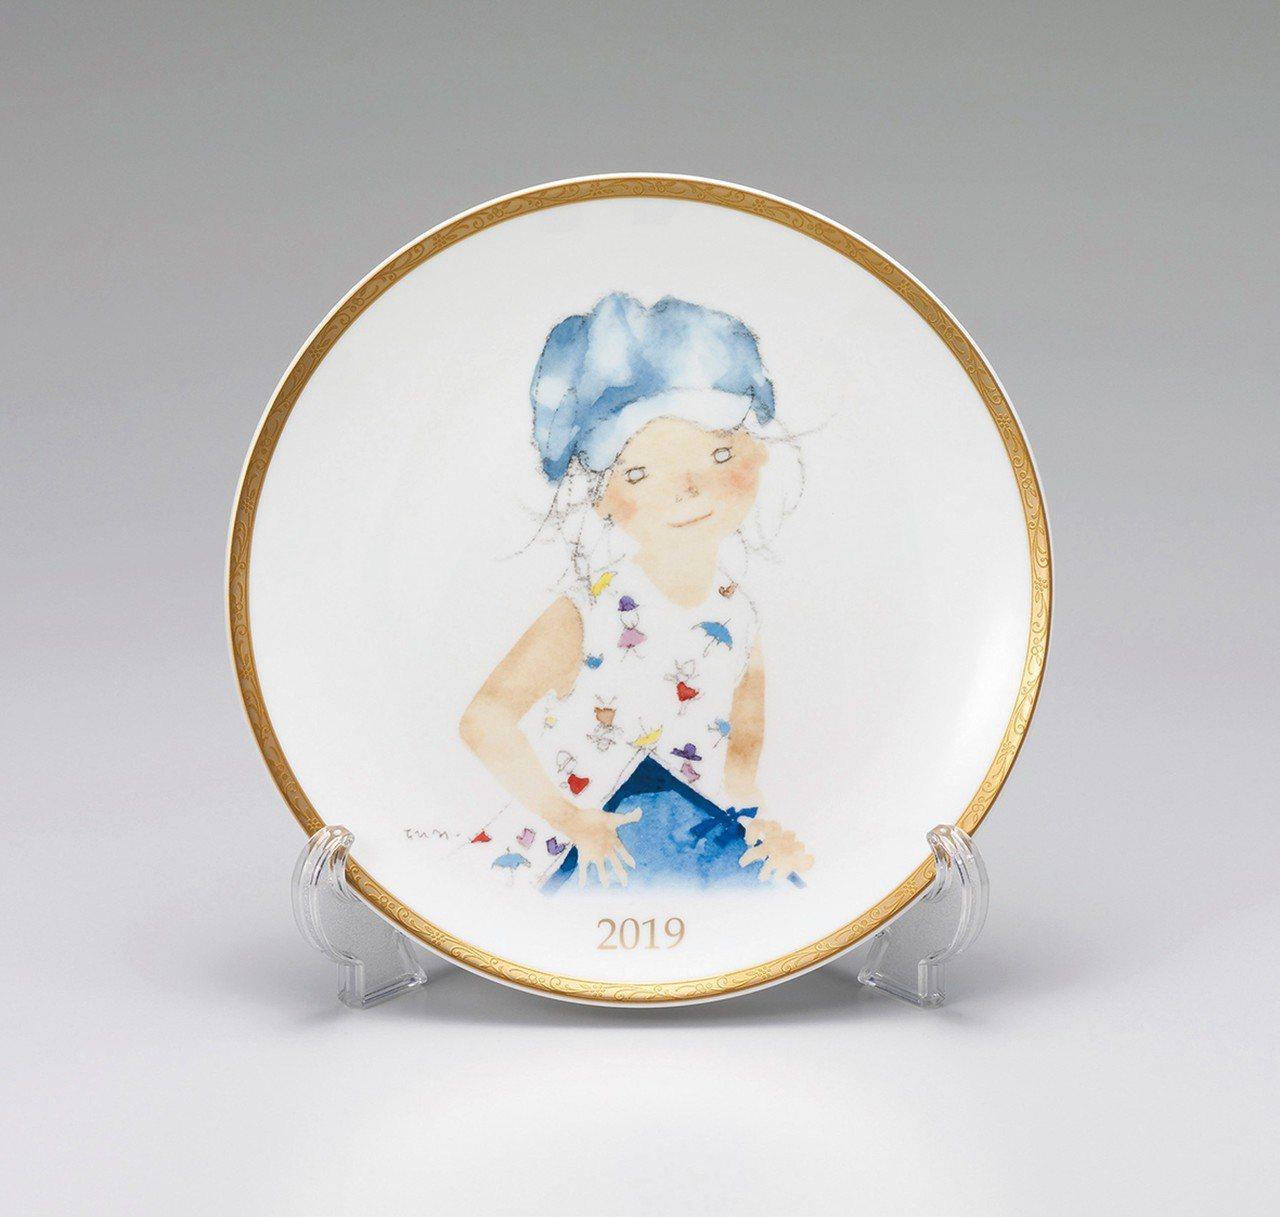 台灣市場搶先曝光NARUMI 2019年度盤,岩崎知弘畫風溫暖。圖/集雅廊提供